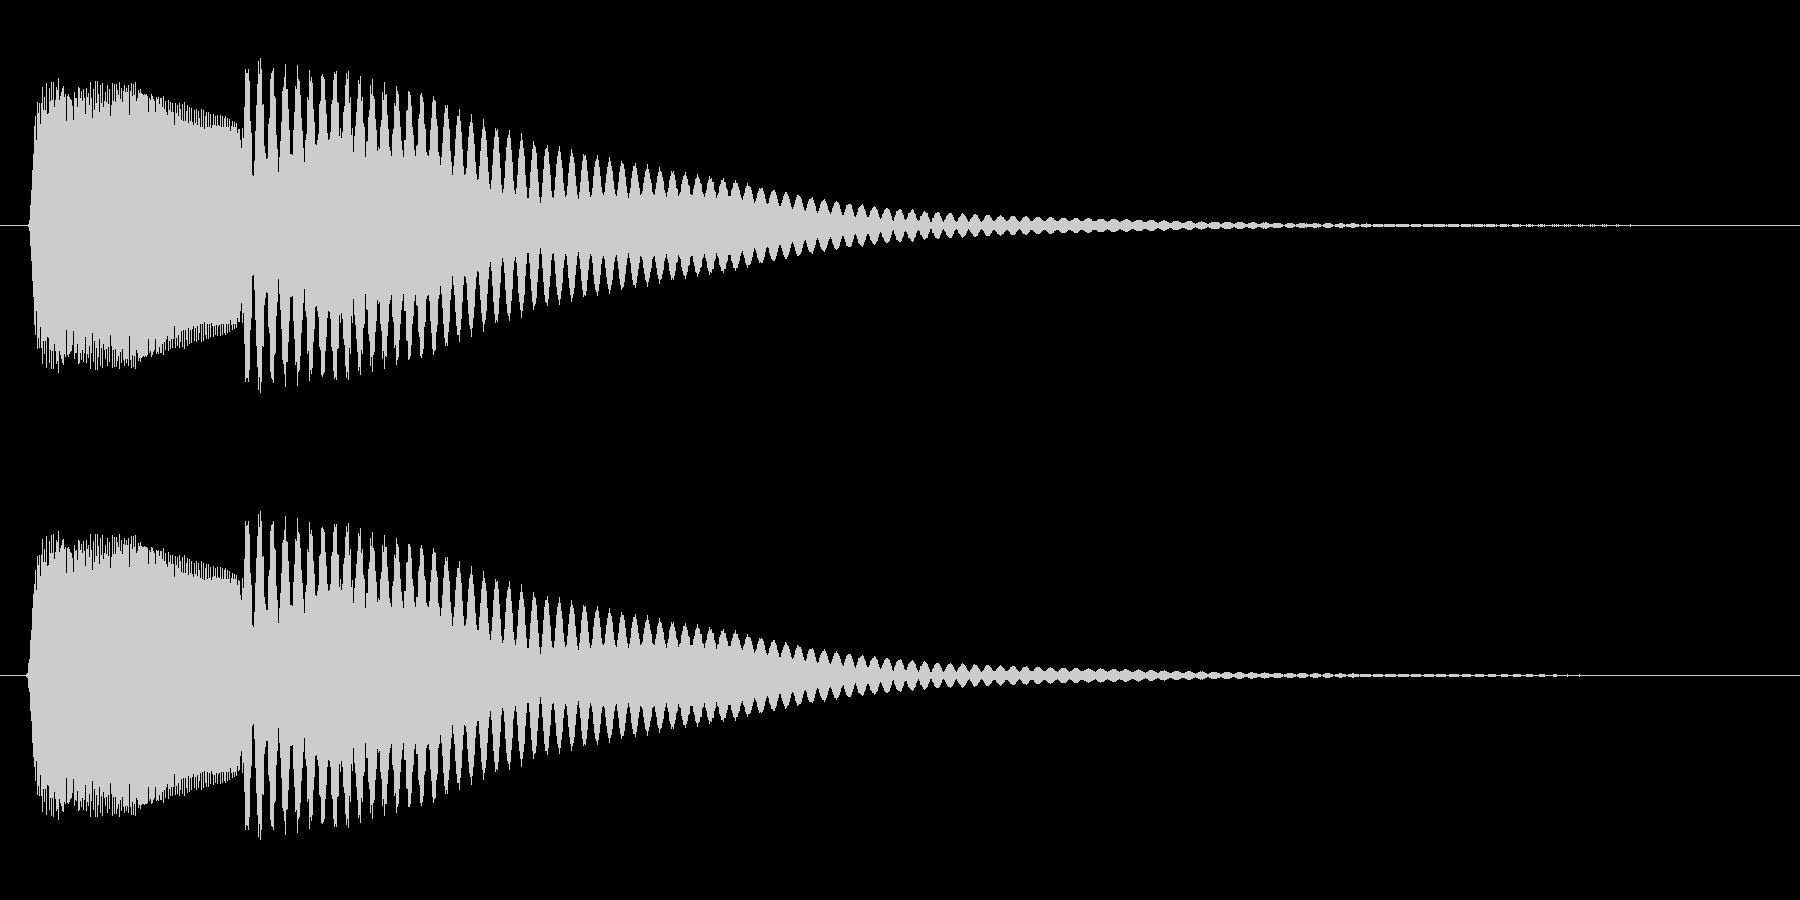 コカ〜ン(可愛らしいシステム向けの音)の未再生の波形